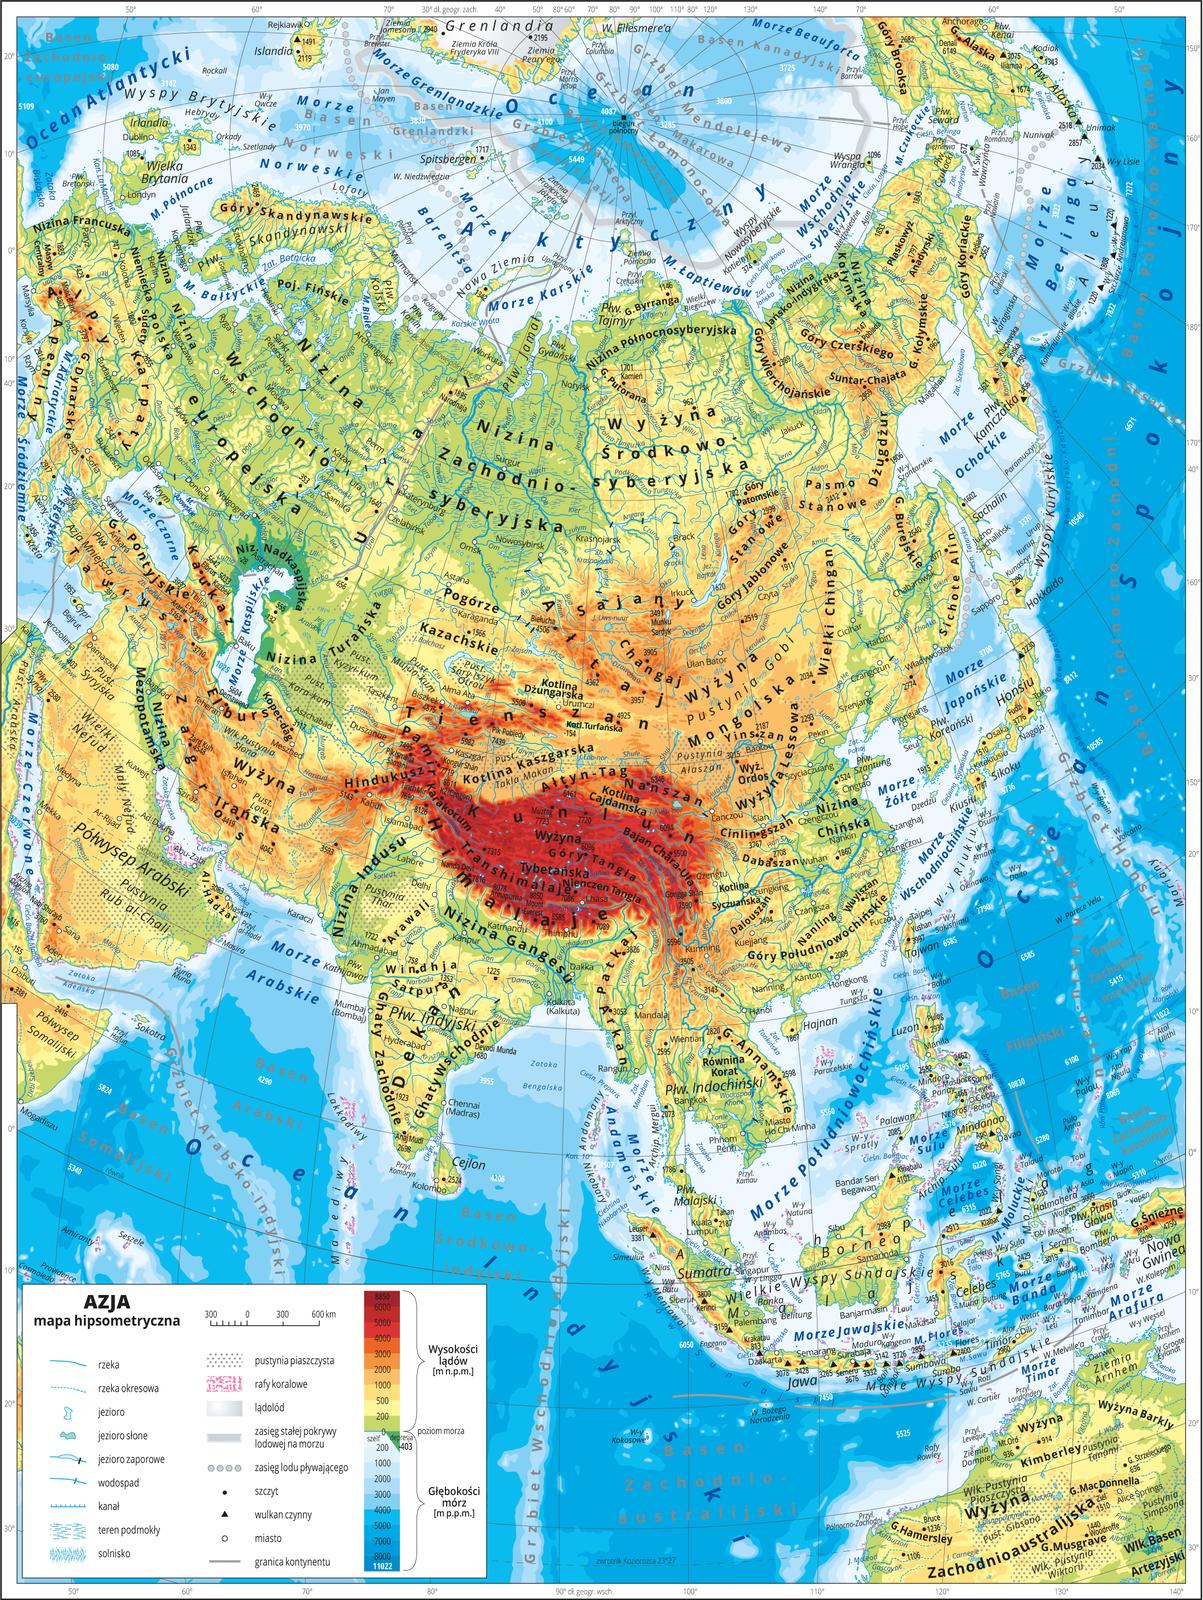 Ilustracja przedstawia mapę hipsometryczną Azji. Wobrębie lądów występują obszary wkolorze zielonym, żółtym, pomarańczowym iczerwonym. Morza zaznaczono kolorem niebieskim. Na mapie opisano nazwy półwyspów, wysp, nizin, wyżyn ipasm górskich, mórz, zatok, rzek ijezior. Oznaczono iopisano główne miasta. Oznaczono czarnymi kropkami iopisano szczyty górskie. Trójkątami oznaczono czynne wulkany ipodano ich wysokości. Niebieskim kreskowaniem zaznaczono solniska, szarym kropkowaniem – pustynie, biało-szarym gradientem lądolód występujący na północy. Mapa pokryta jest równoleżnikami ipołudnikami. Podano współrzędne geograficzne skrajnych punktów. Dookoła mapy wbiałej ramce opisano współrzędne geograficzne co dziesięć stopni. Wlegendzie umieszczono iopisano znaki użyte na mapie.